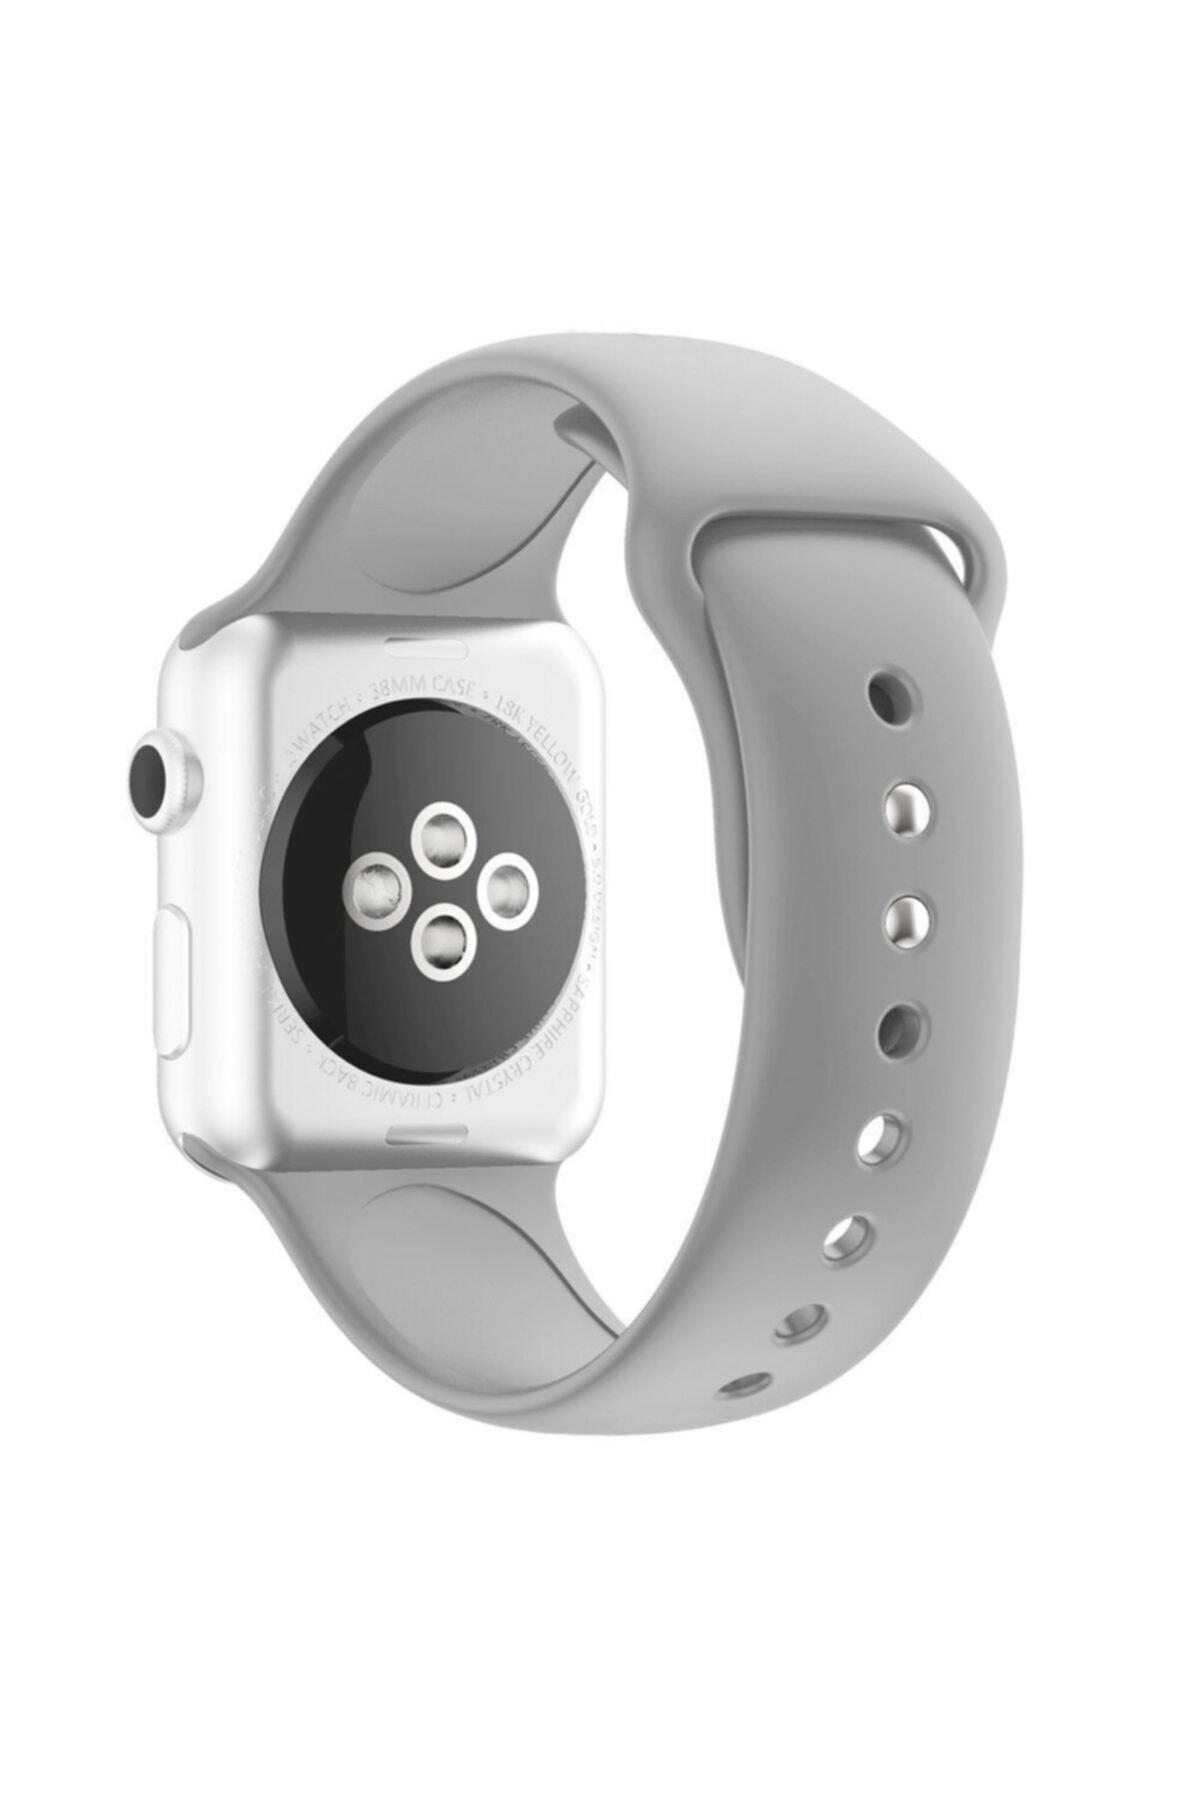 Bilişim Aksesuar Apple Watch 42 44 Mm Silikon Kordon Açık Gri 1